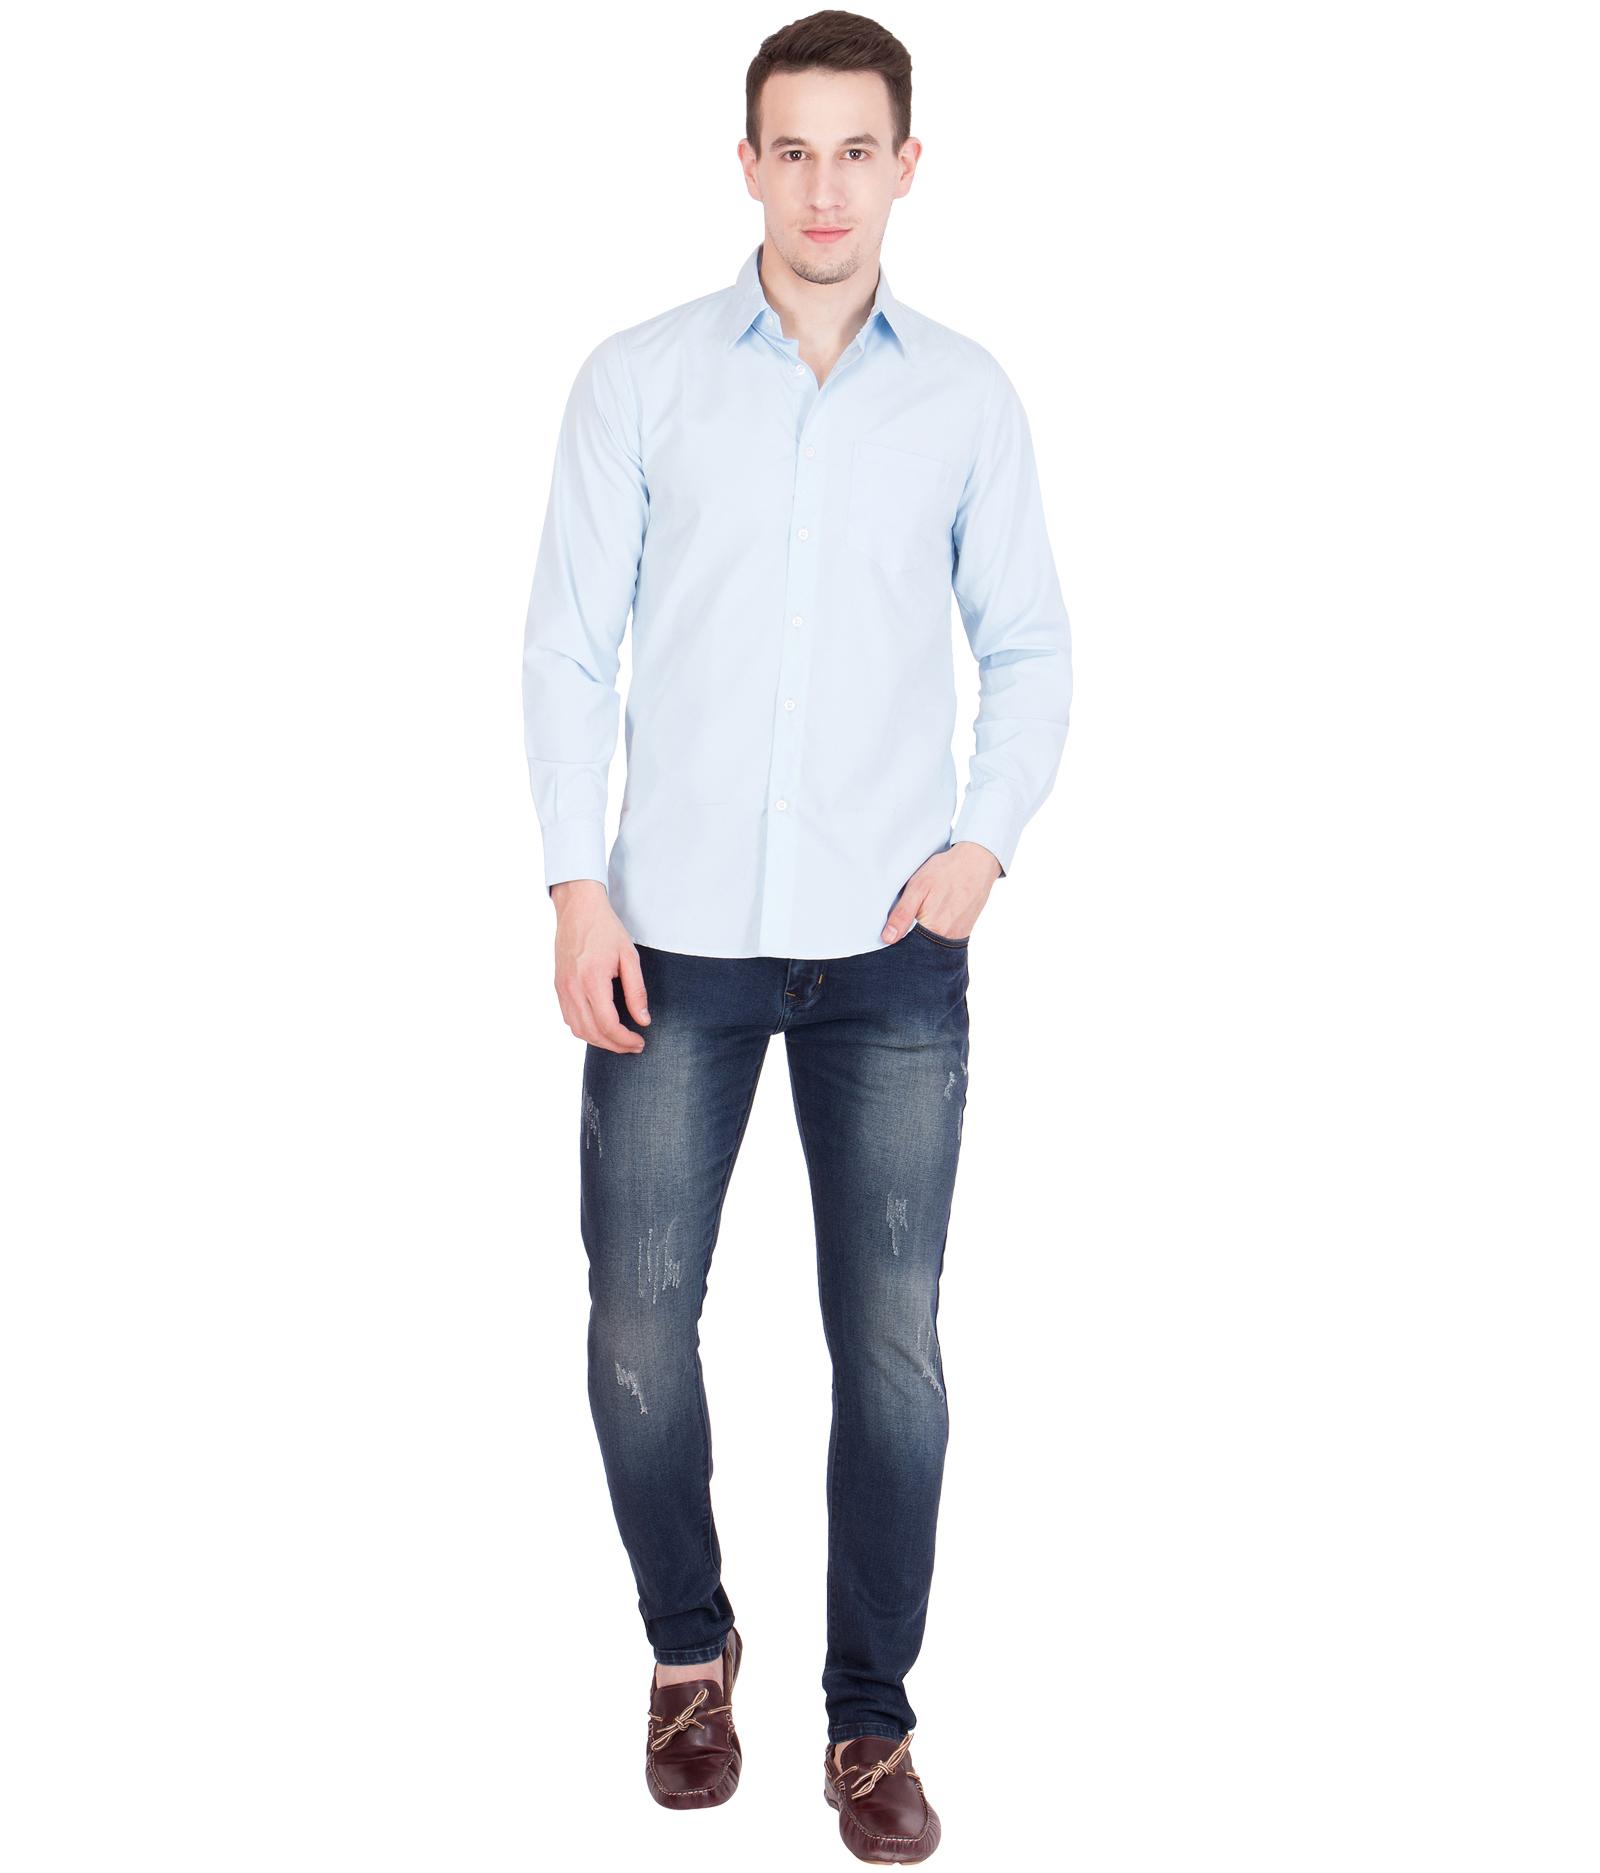 d4ba933915c8 American-Elm Men s Cotton Full Sleeves Shirt- Light Blue